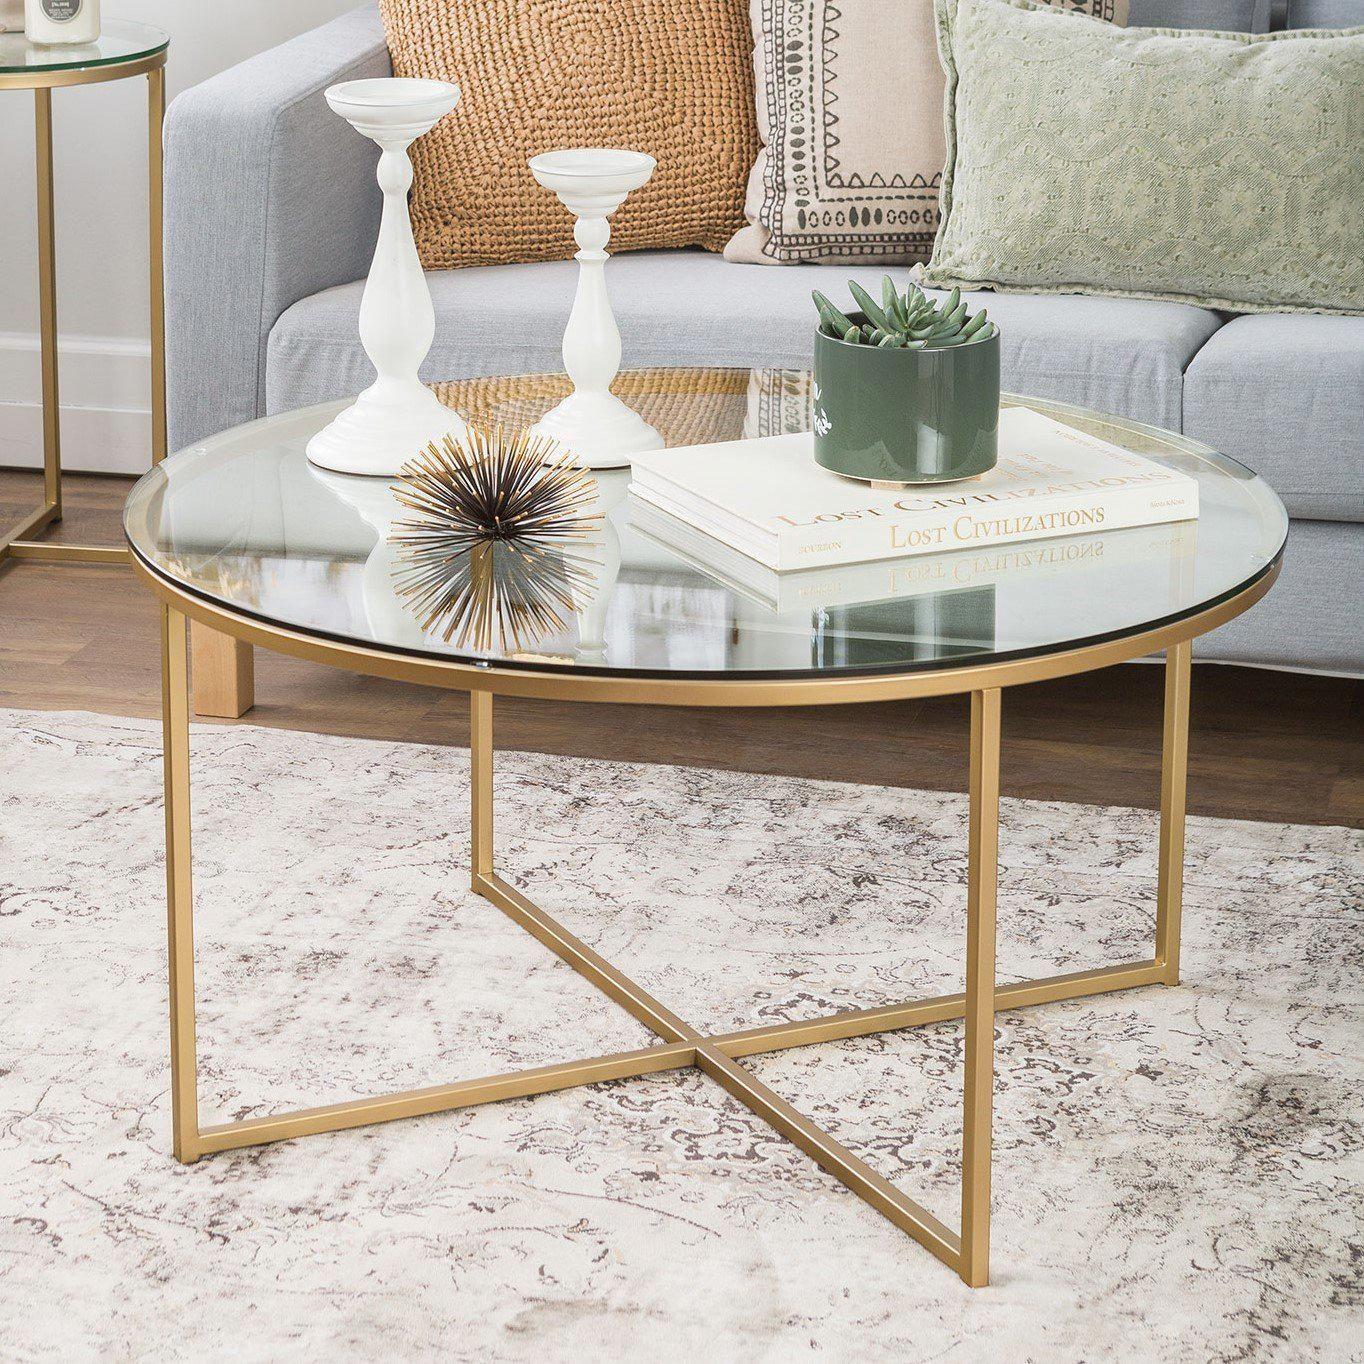 Belas Furniture Design Mesas E Cadeiras Ocasionais Designdatabela Round Glass Coffee Table Coffee Table Gold Coffee Table [ 1364 x 1364 Pixel ]